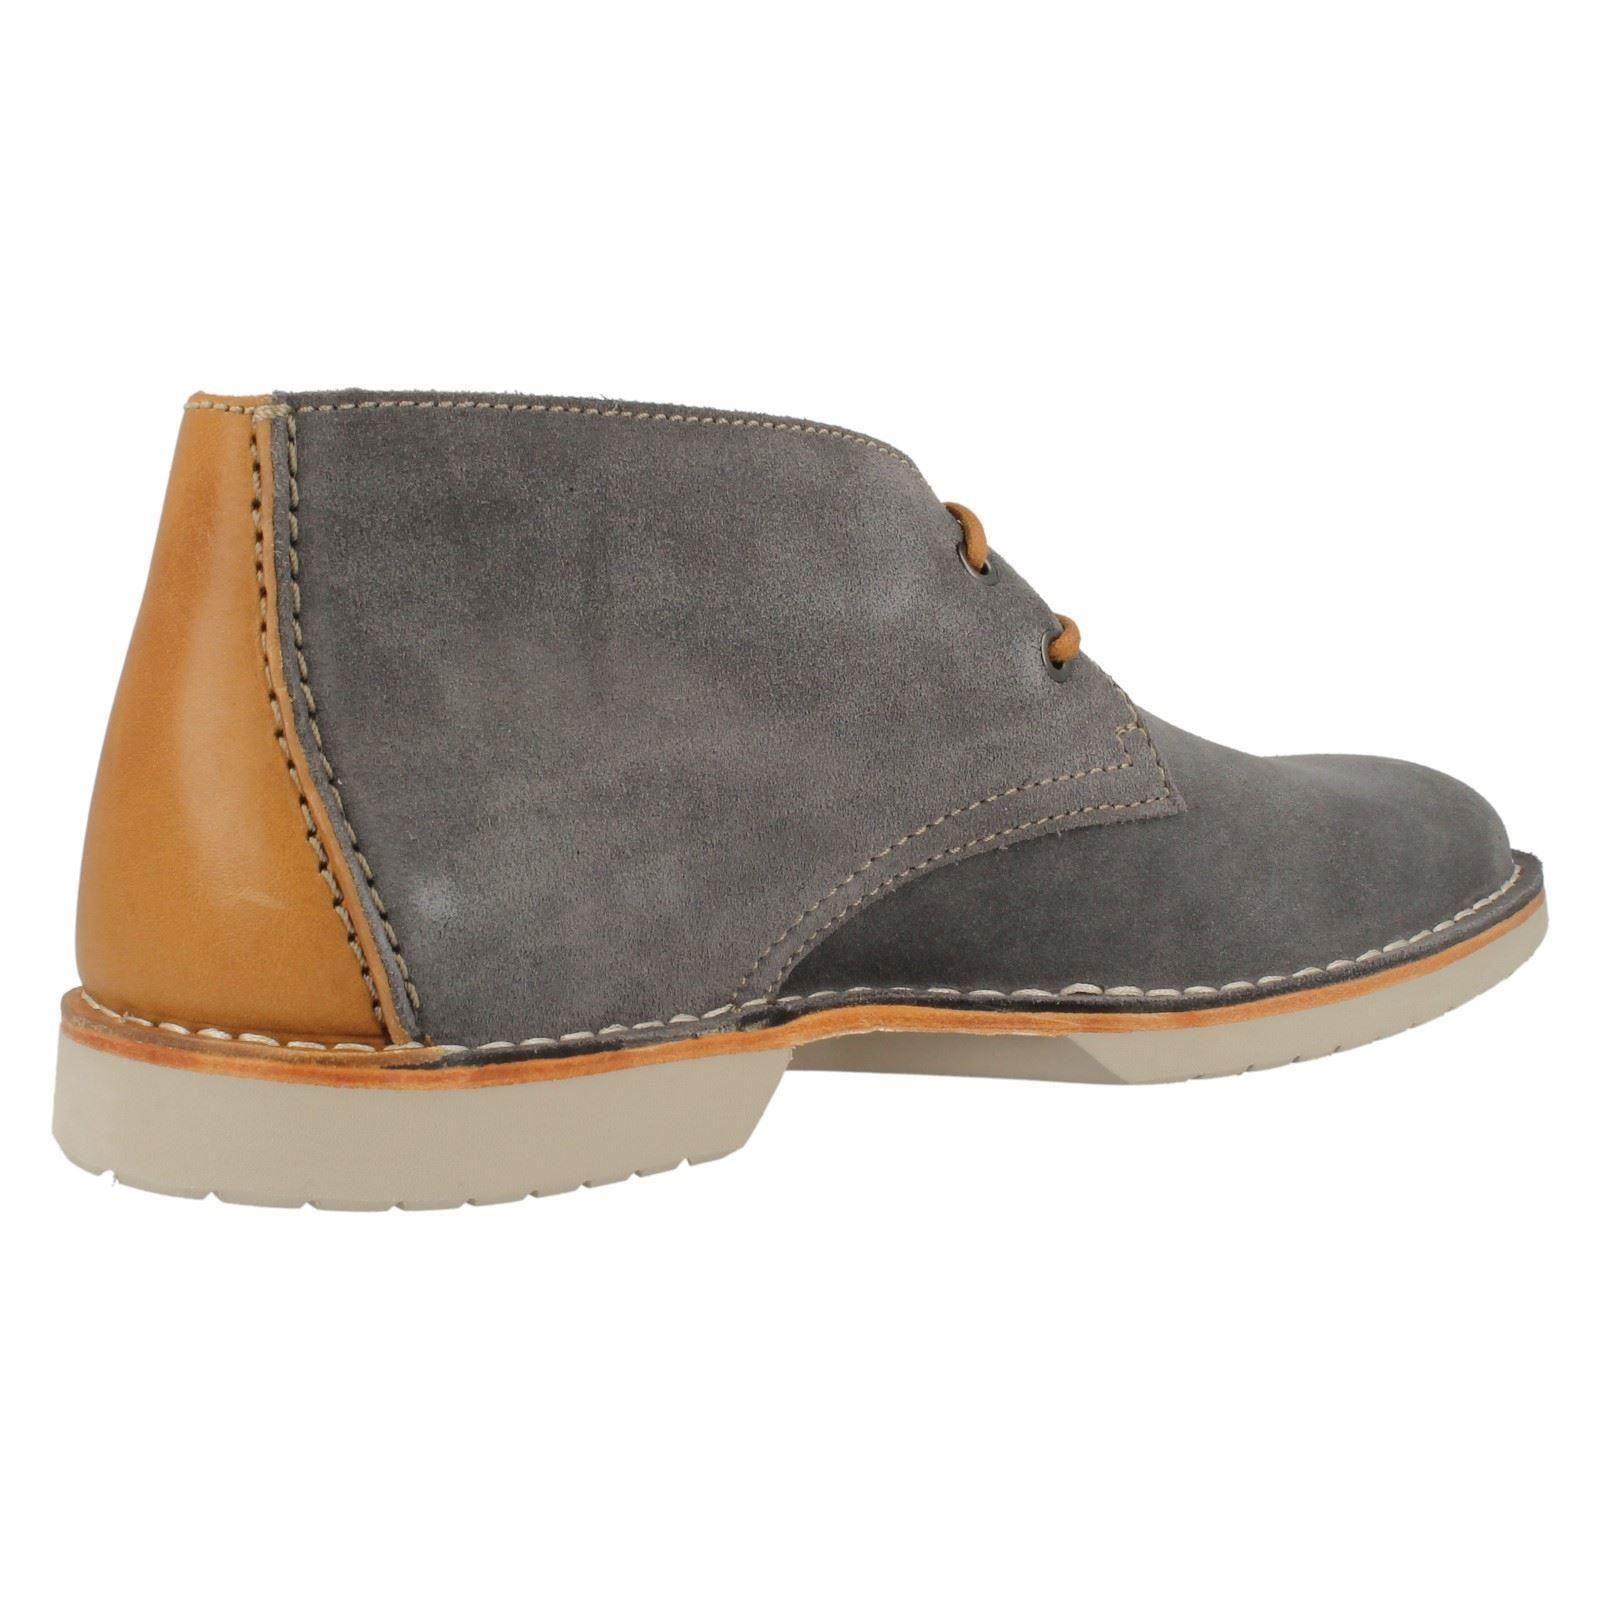 Hombre Clarks Desert Style Lace-Up Lace-Up Lace-Up Ankle botas Hinton Rise 5e92ba